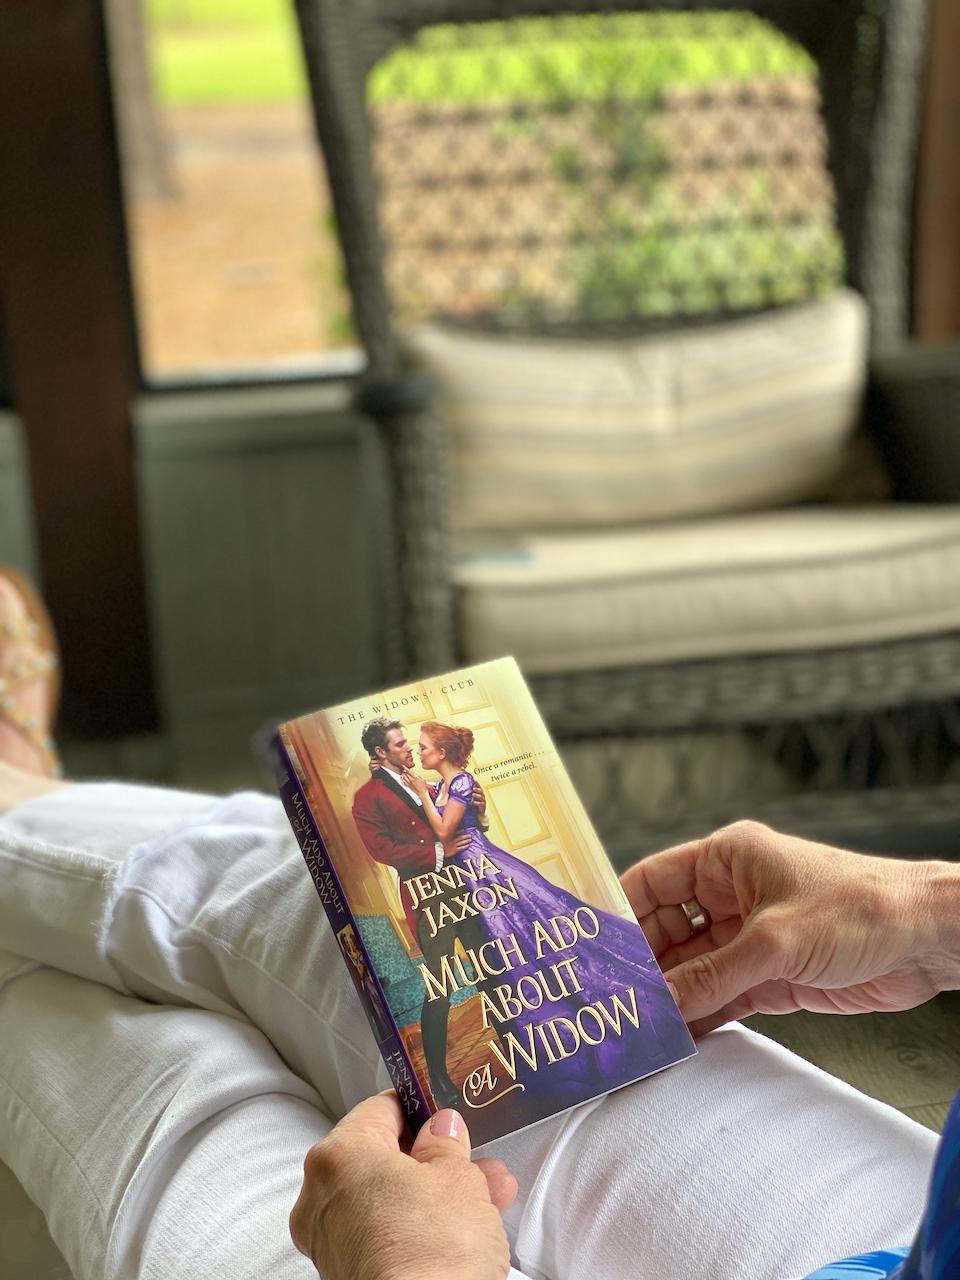 Much Ado About a Widow